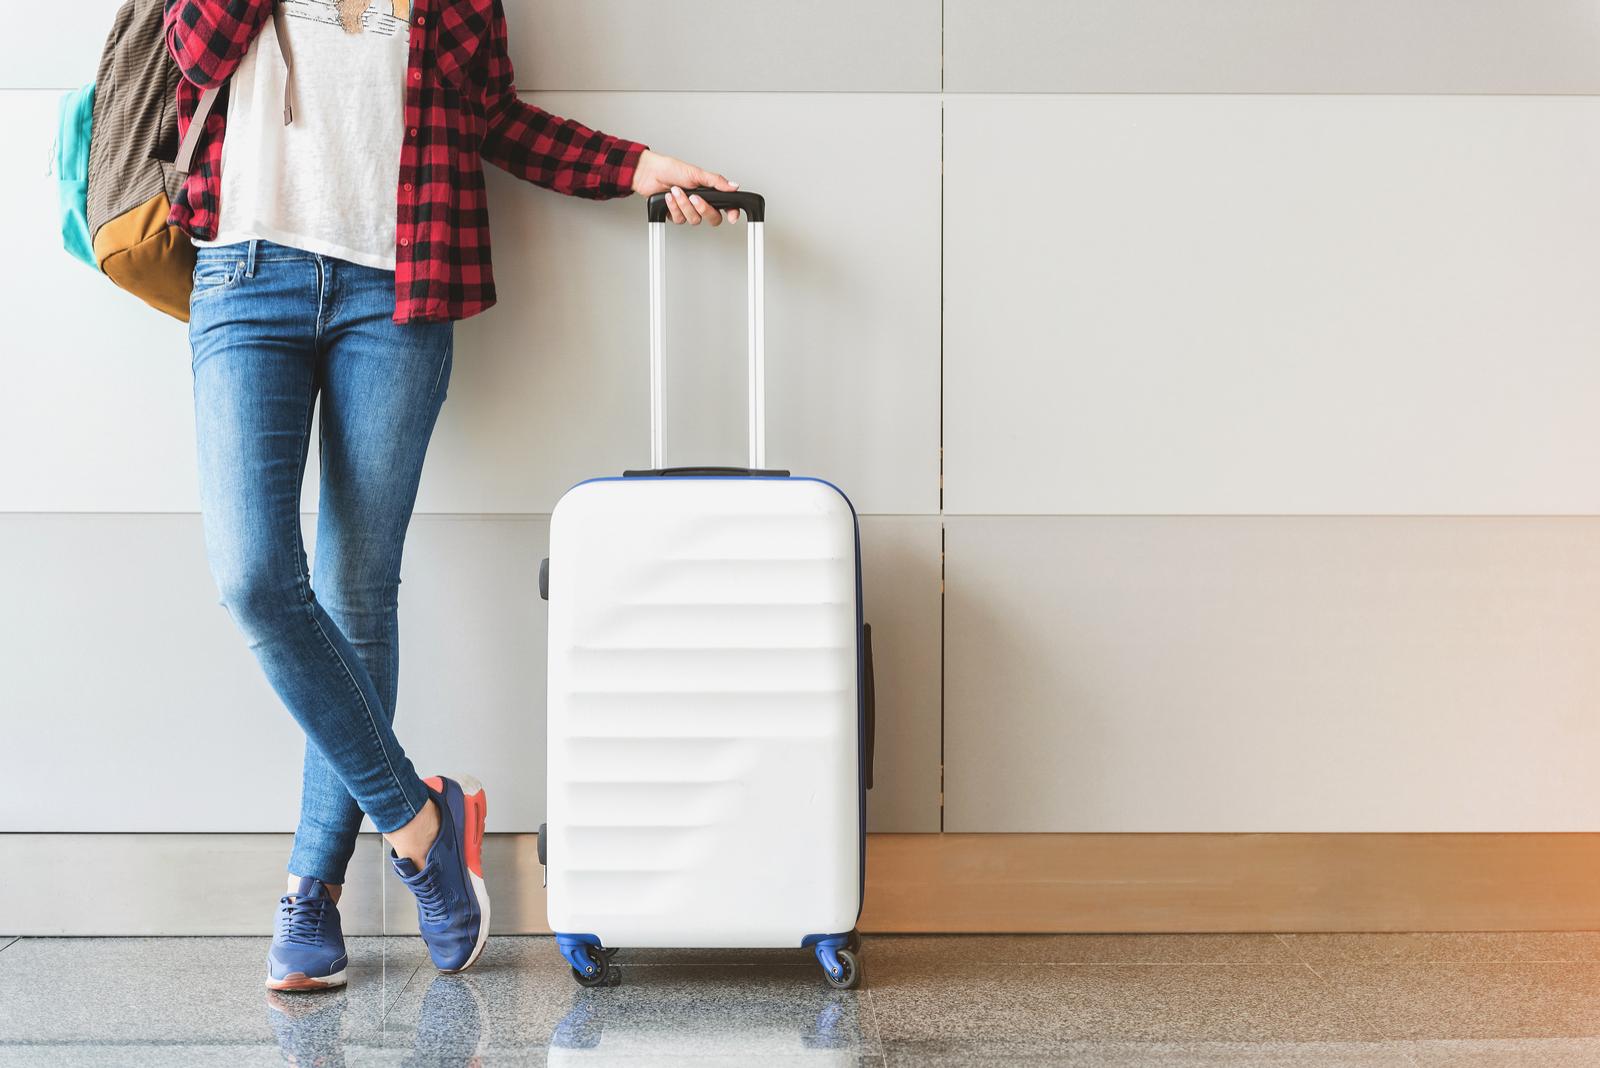 英國遊學行李準備